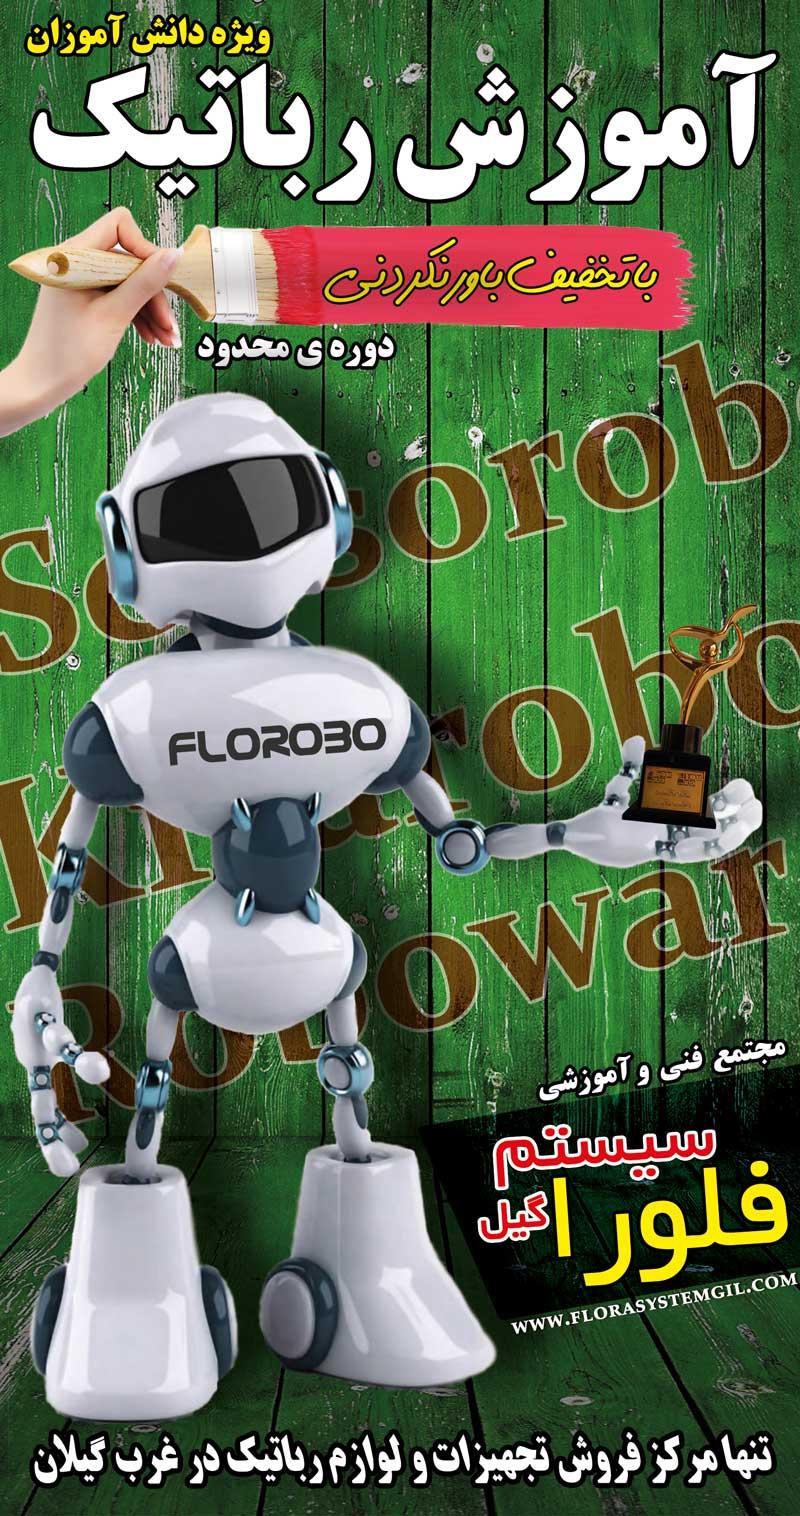 رباتیک فلورا سیستم گیل